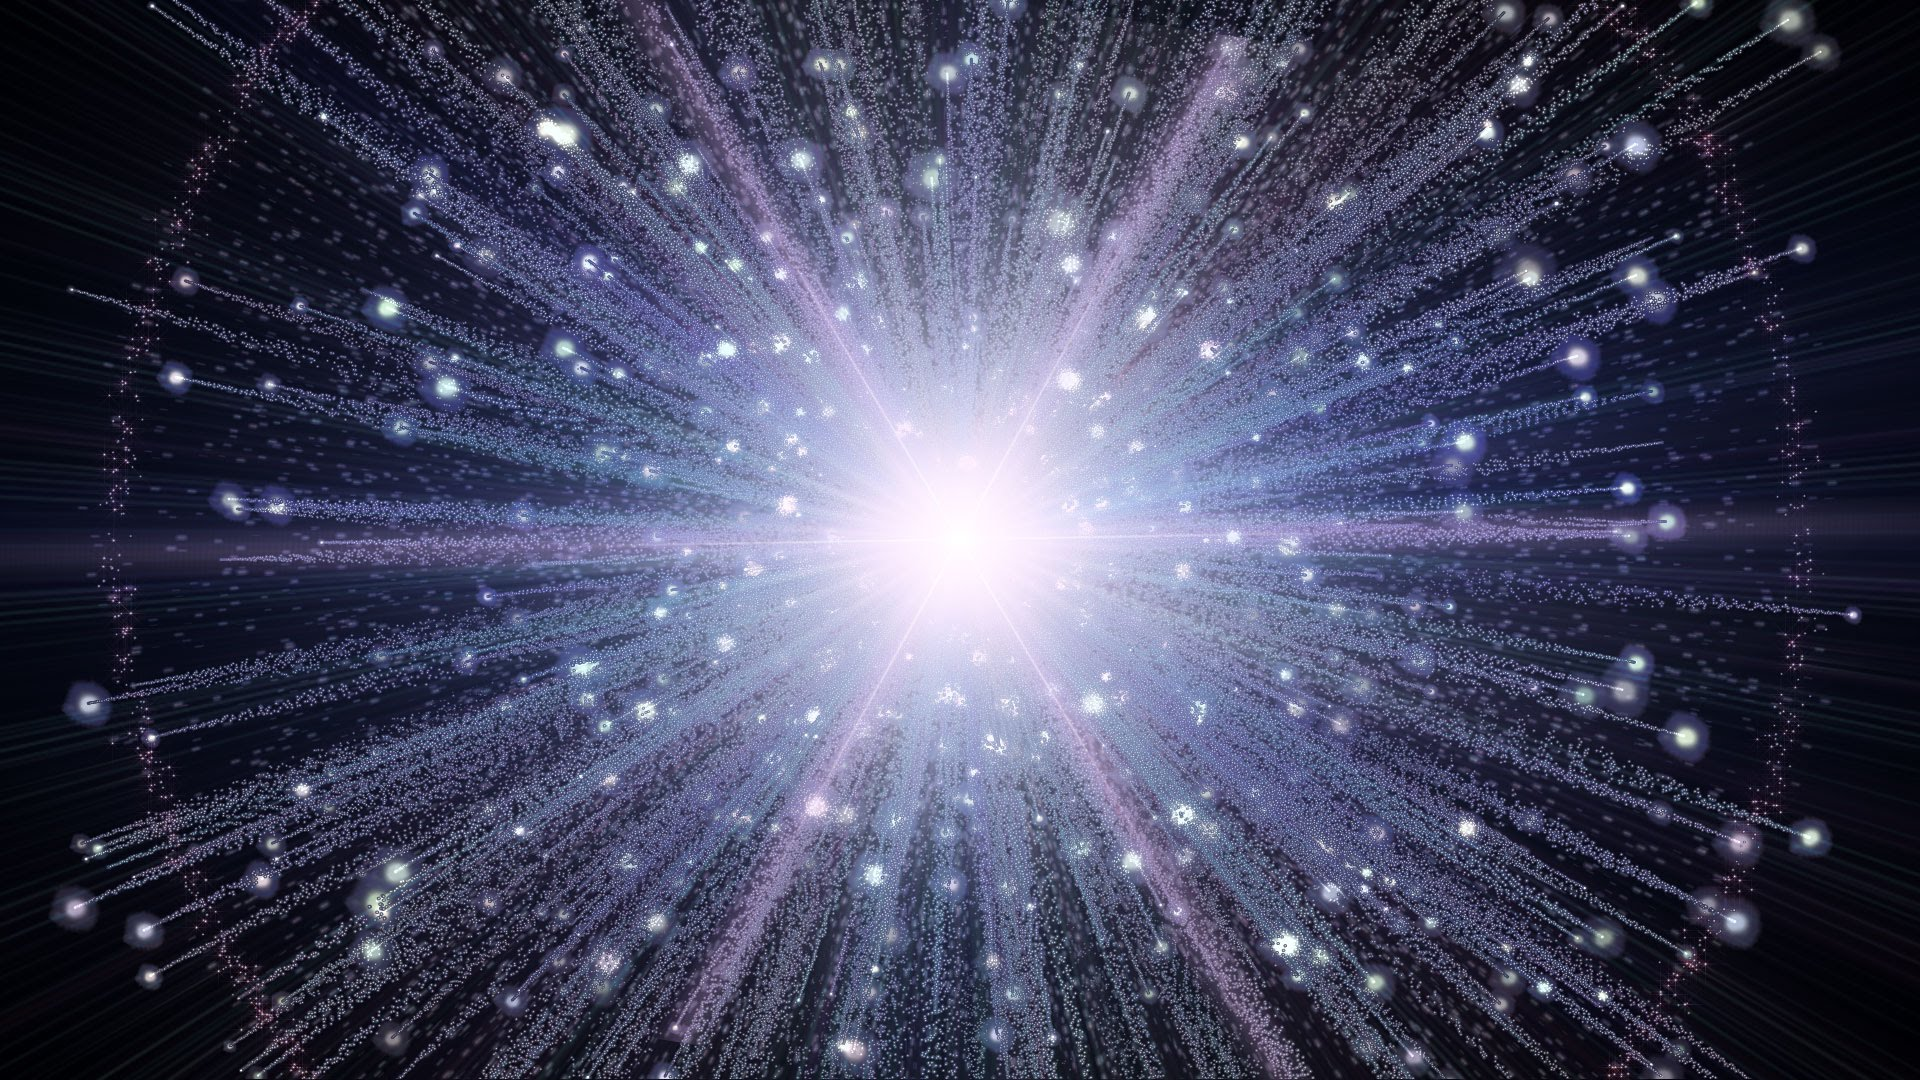 cosmic lens